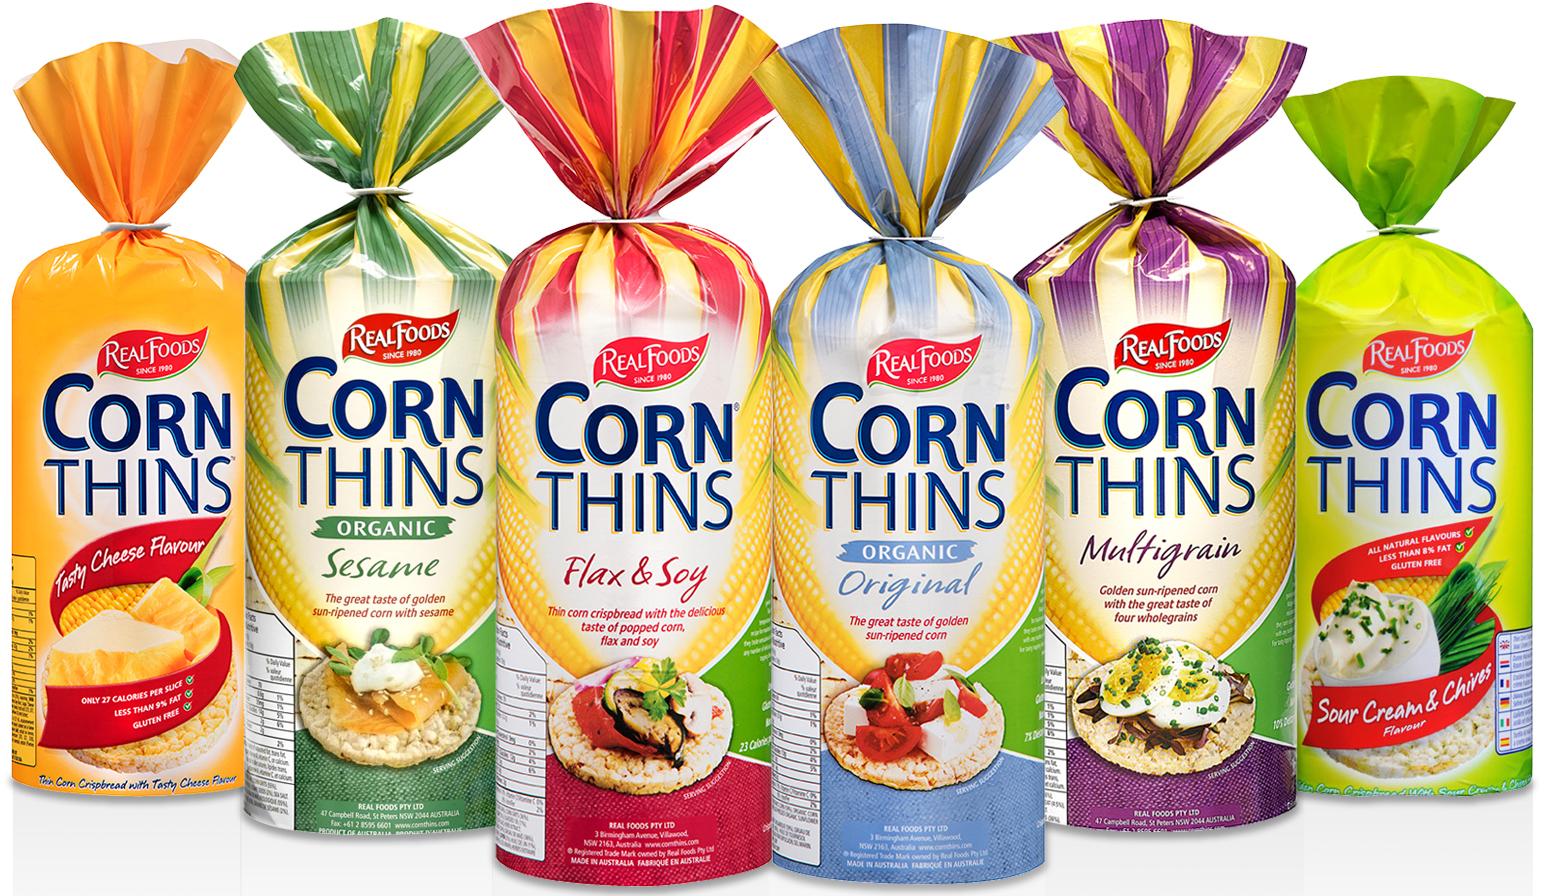 Canada Corn Thins